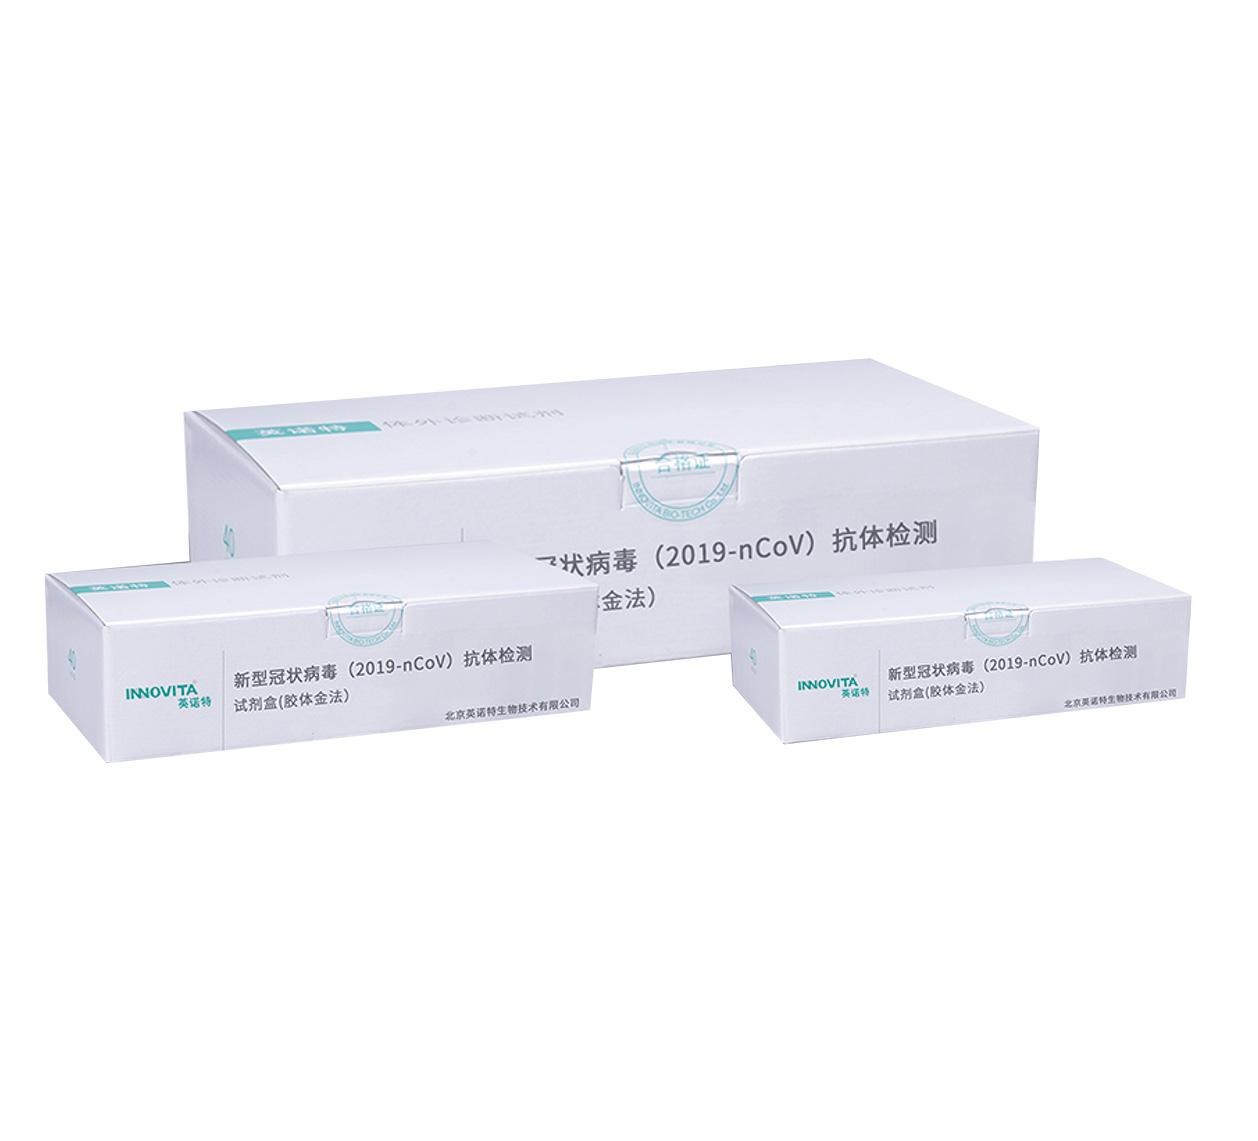 英诺特 新型冠状病毒(2019-nCoV)IgM/IgG抗体检测试剂盒 40人份/盒